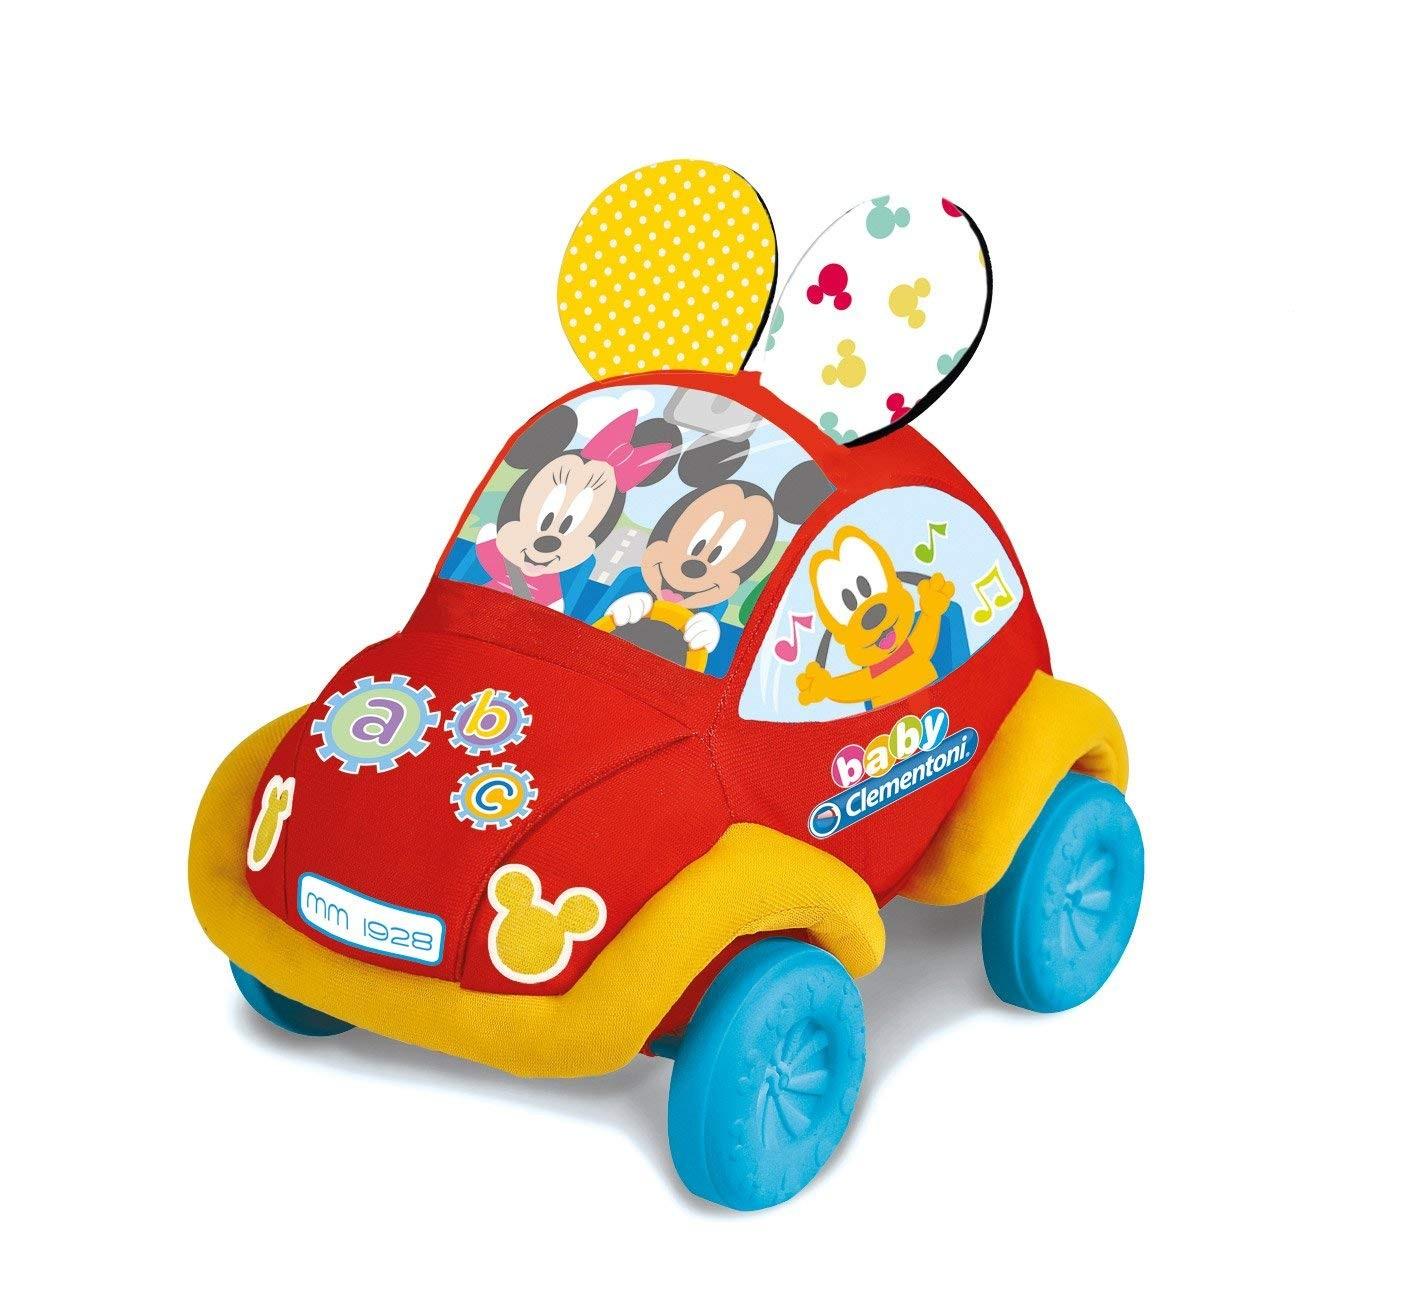 Disney Baby Macchinina Morbida Clementoni